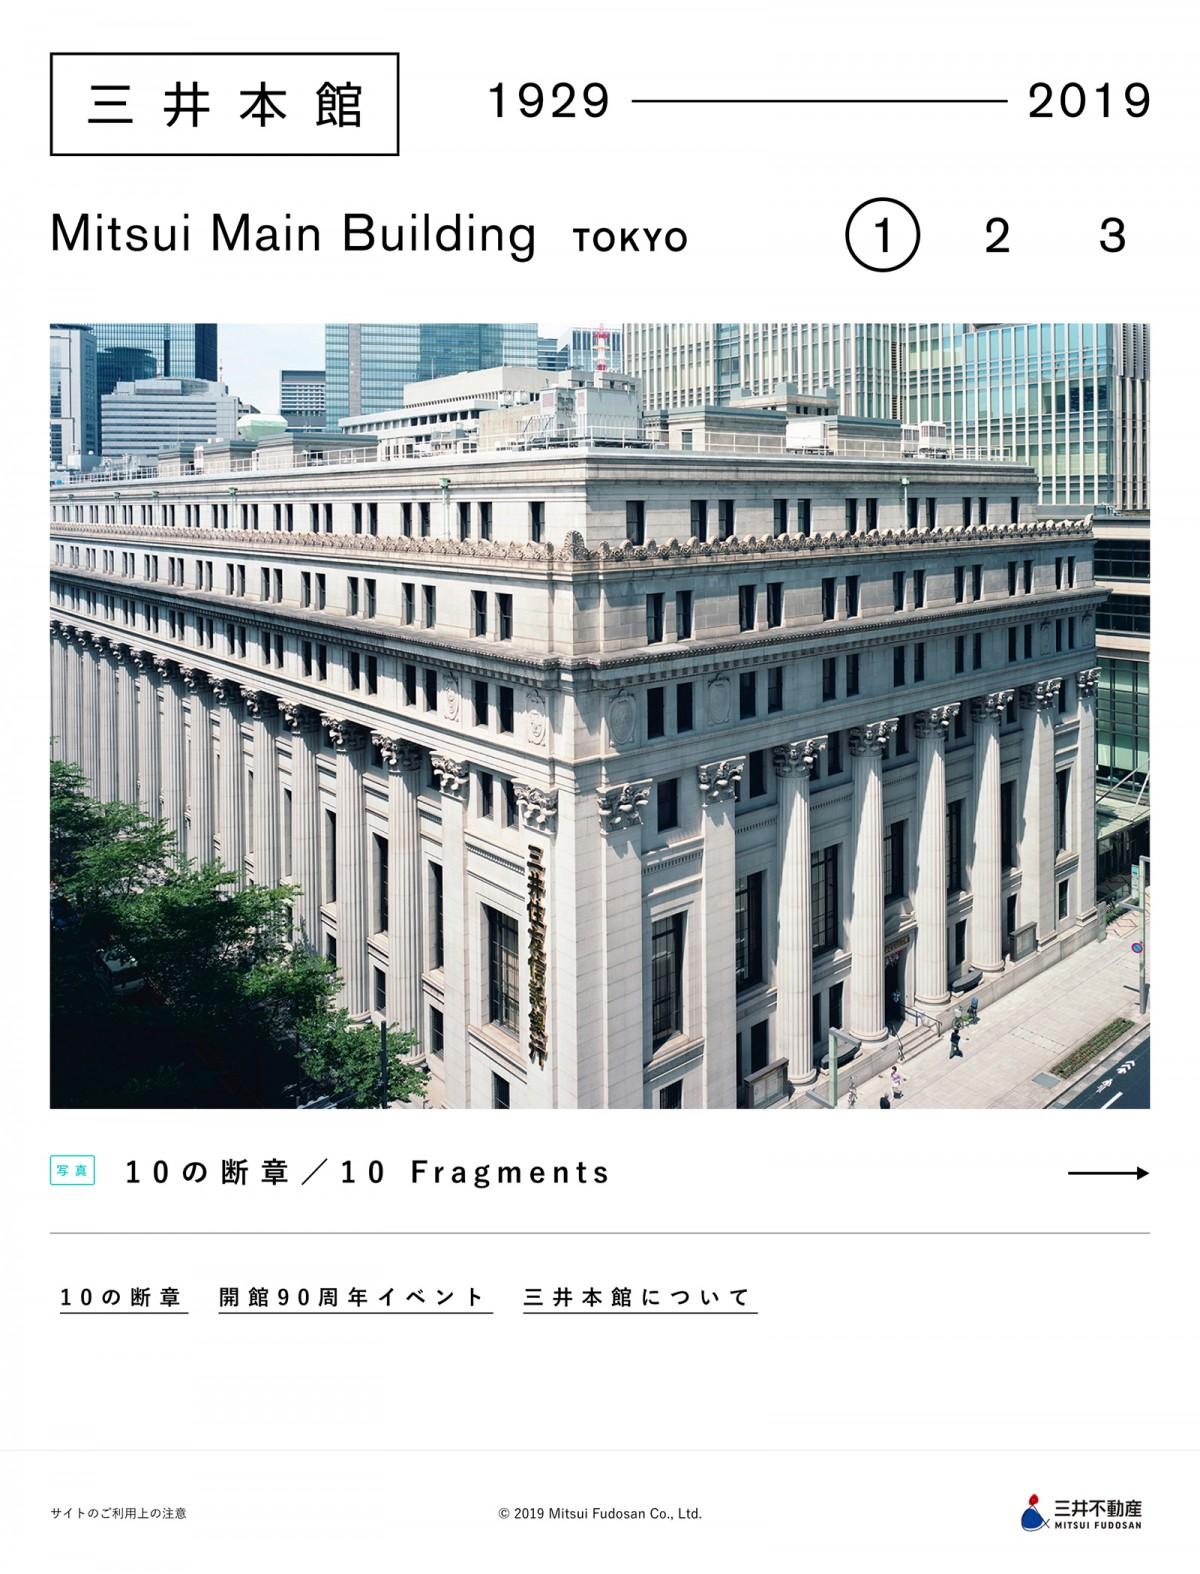 三井本館 1929-2019 Mitsui Main Building 写真・ホンマタカシ | 田中良治